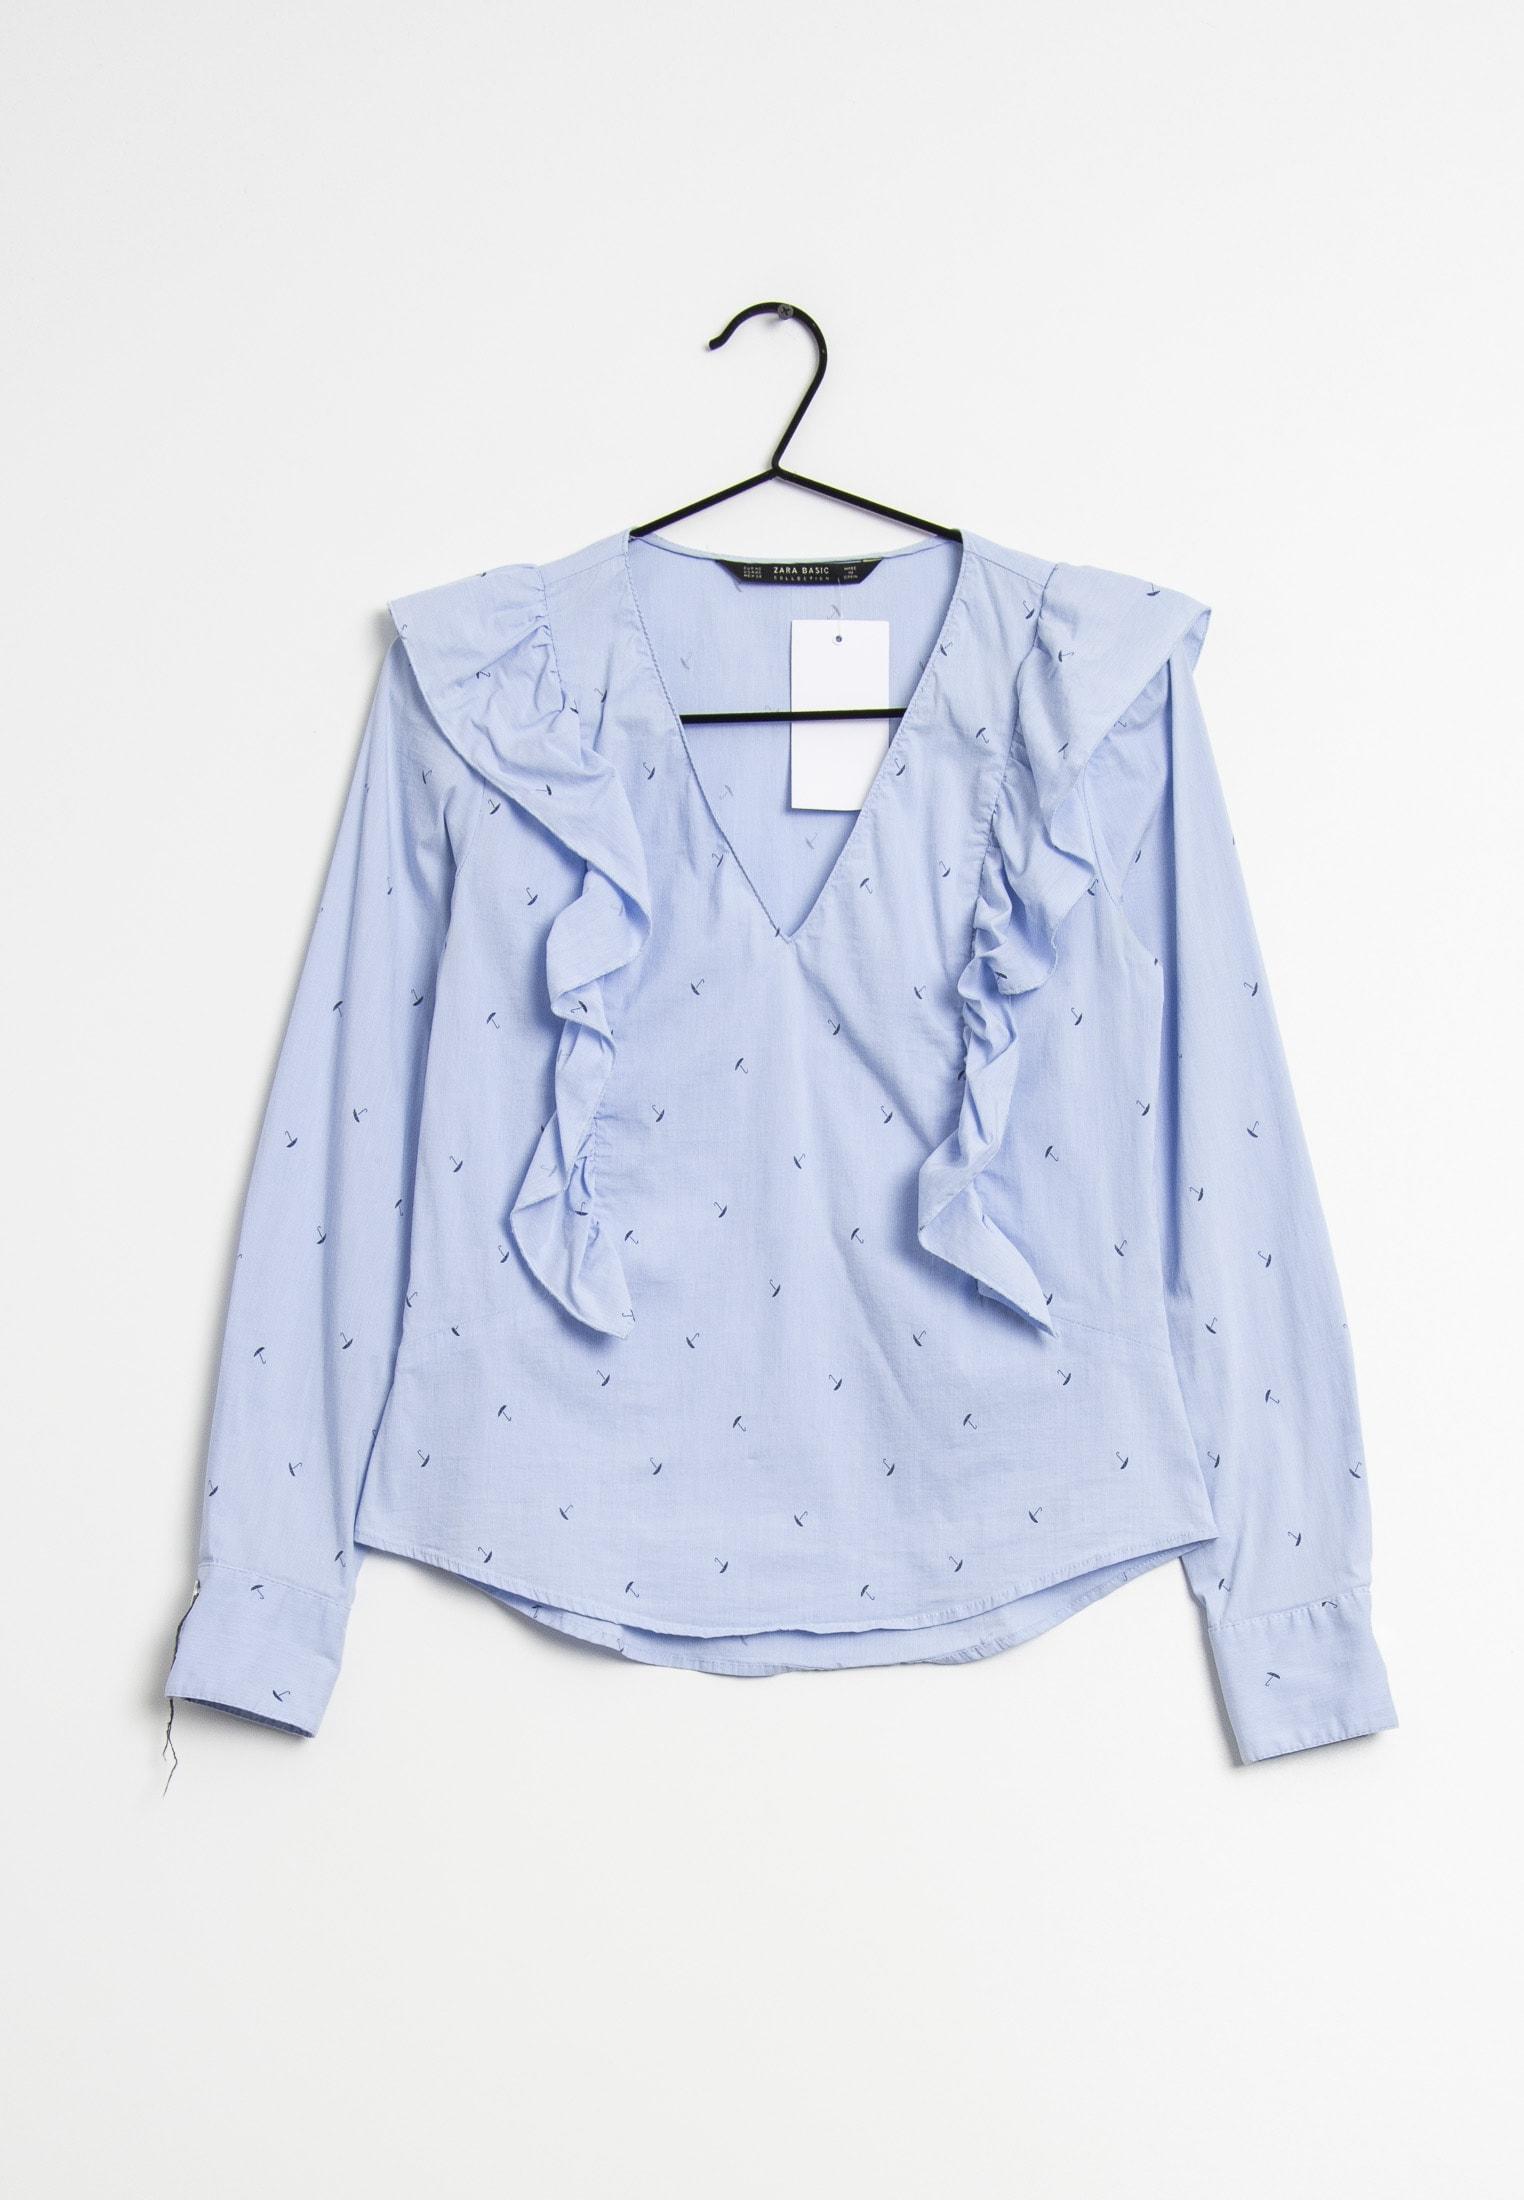 Zara Bluse Blau Gr.XS